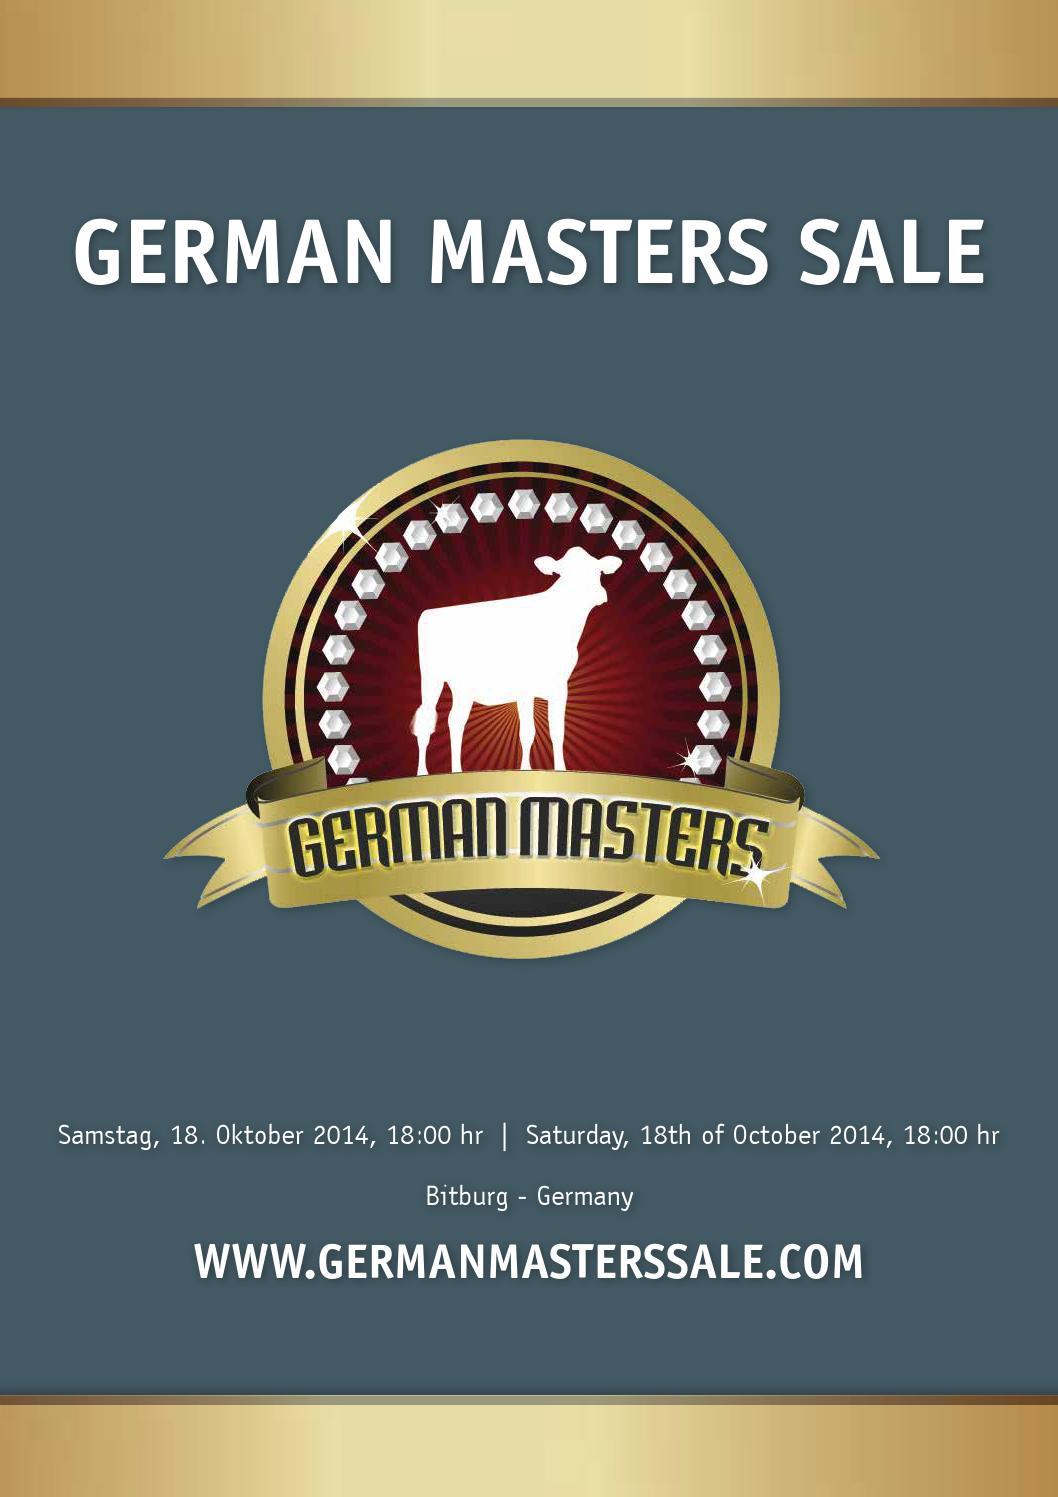 German Masters Sale Catalogue by Arjan van der Vlis - issuu